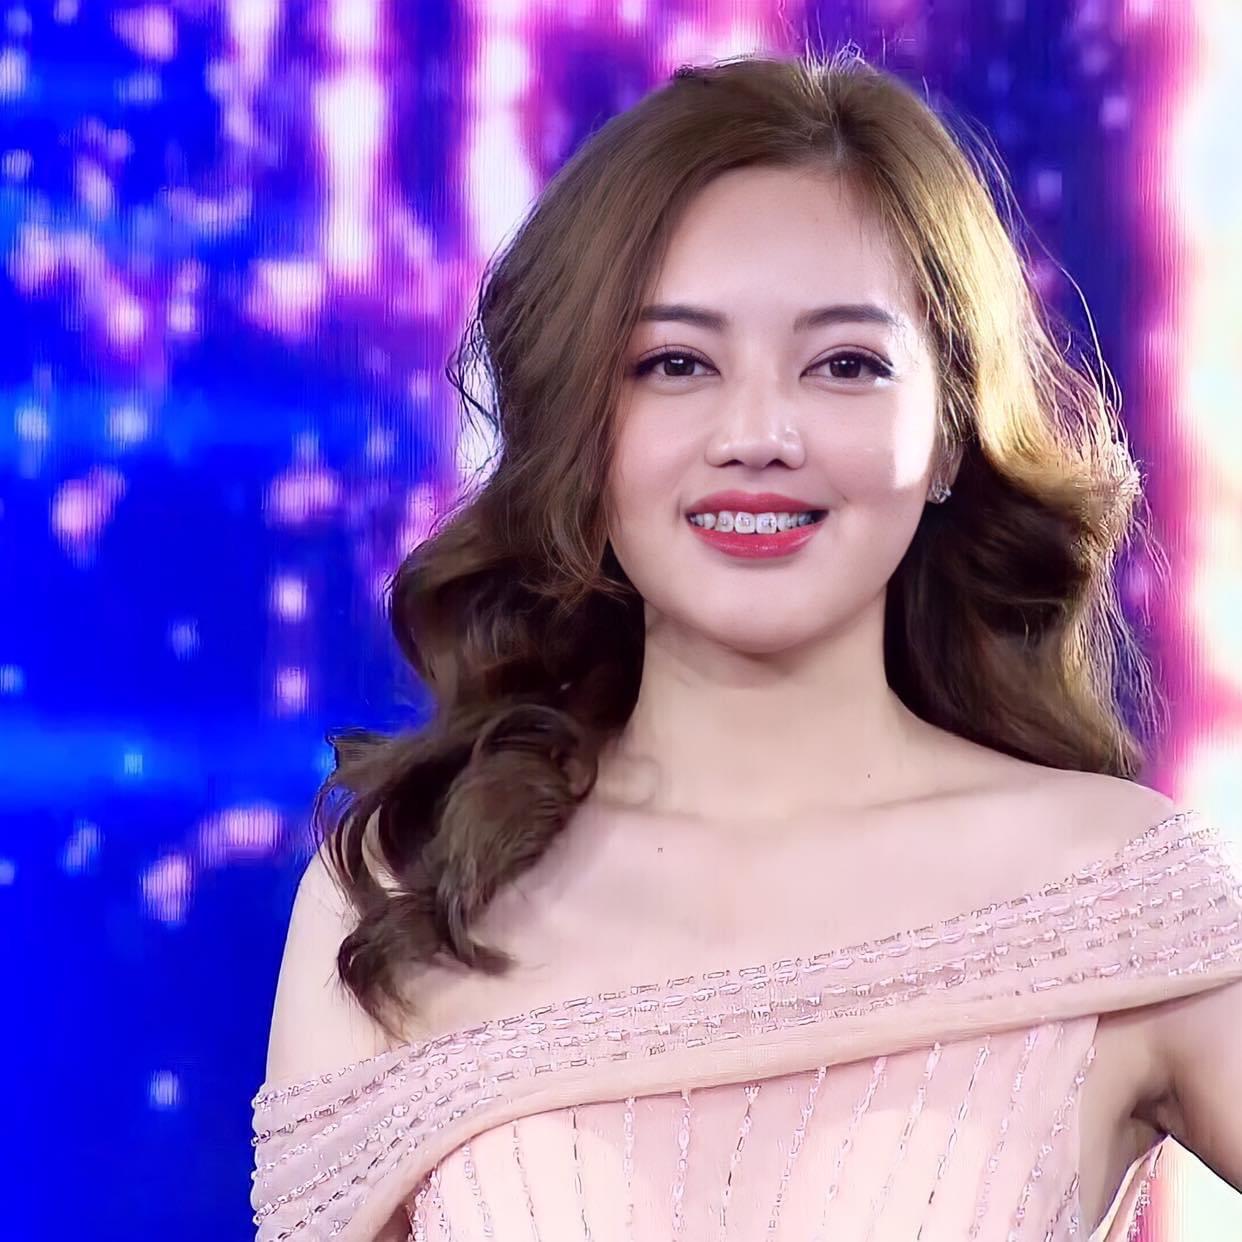 Ngoại hình của Trần Thị Thủy thay đổi ngoạn mục, giúp cô tự tin hơn.